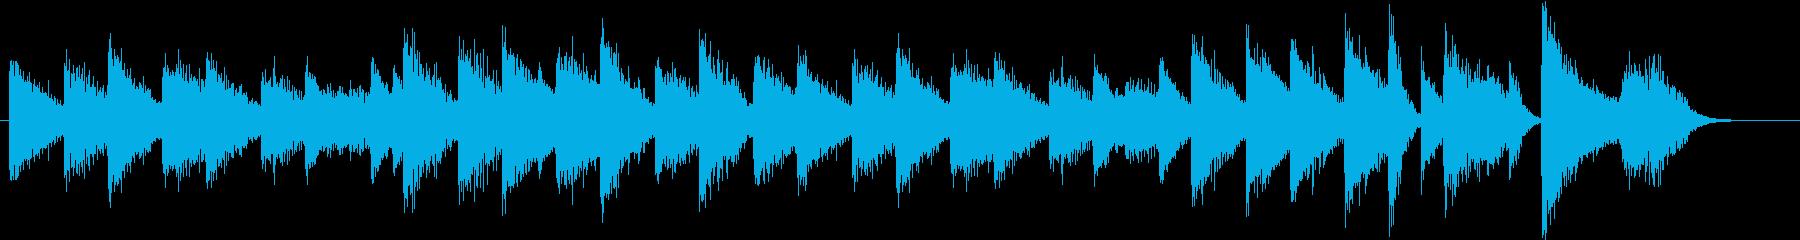 「花のワルツ」クラシックピアノジングルEの再生済みの波形